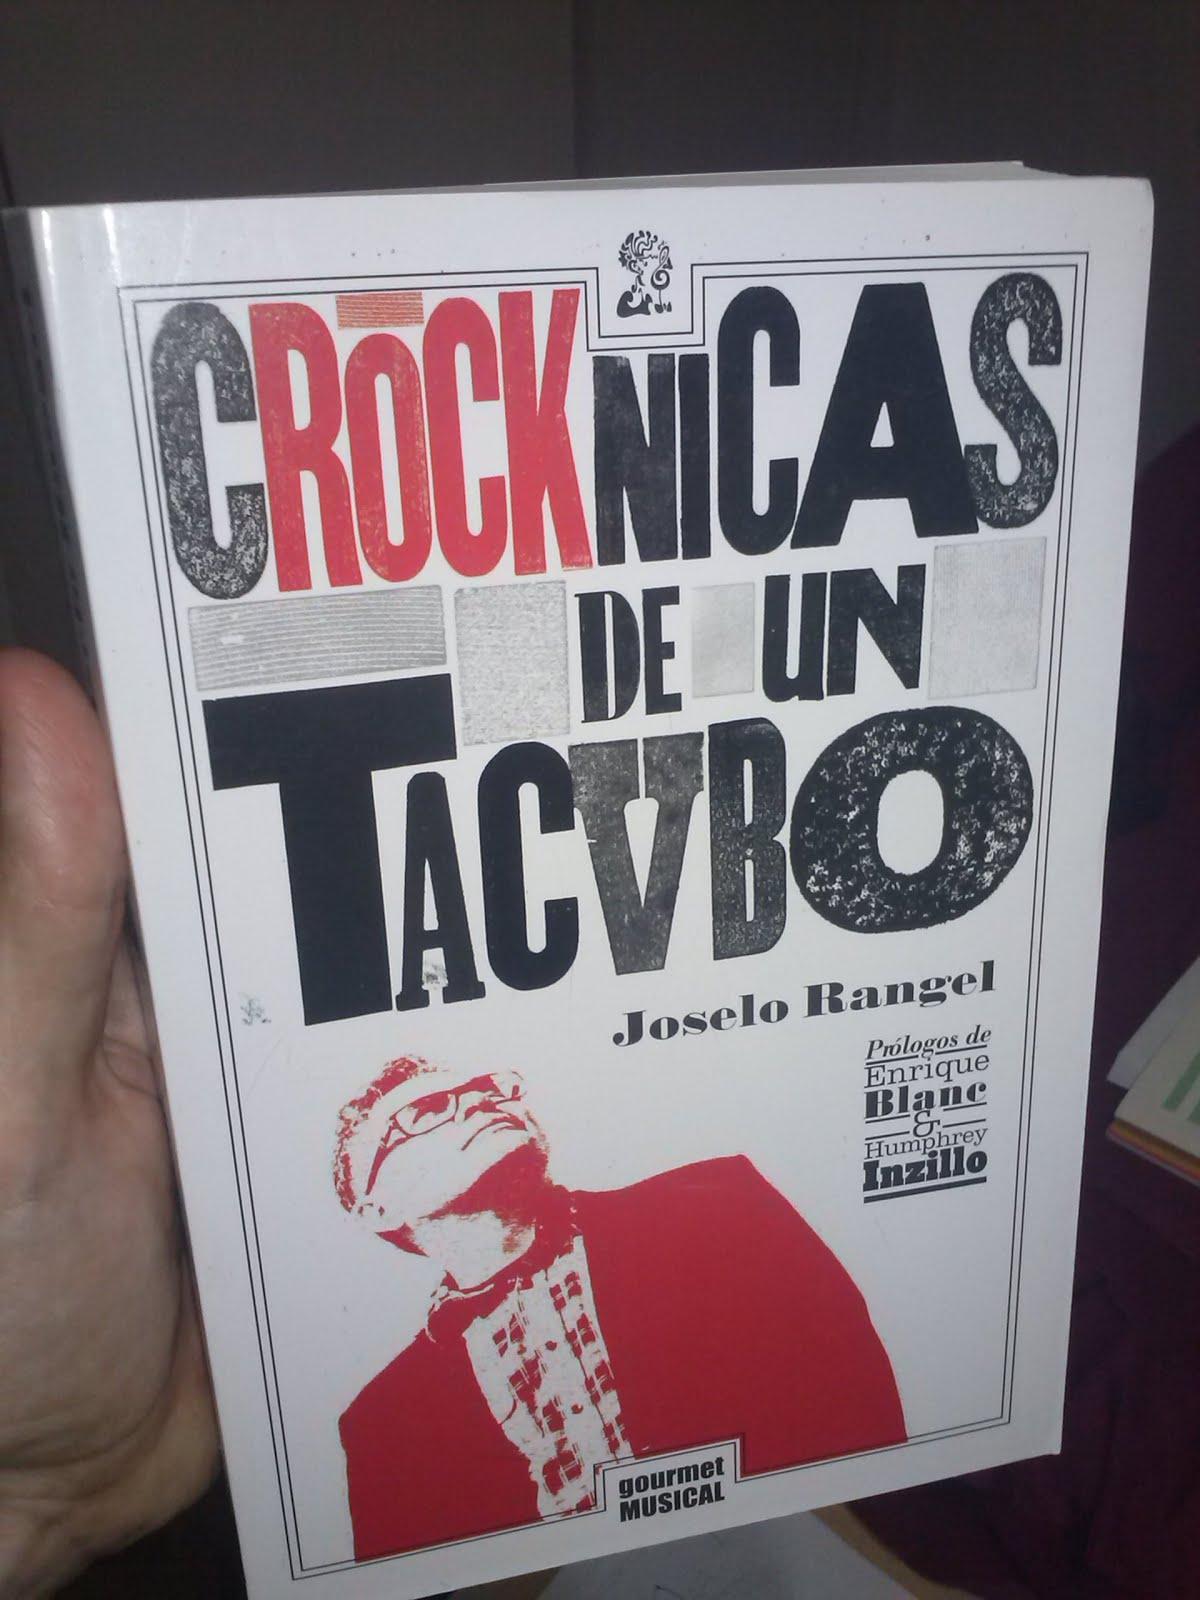 Crócknicas de un Tacubo